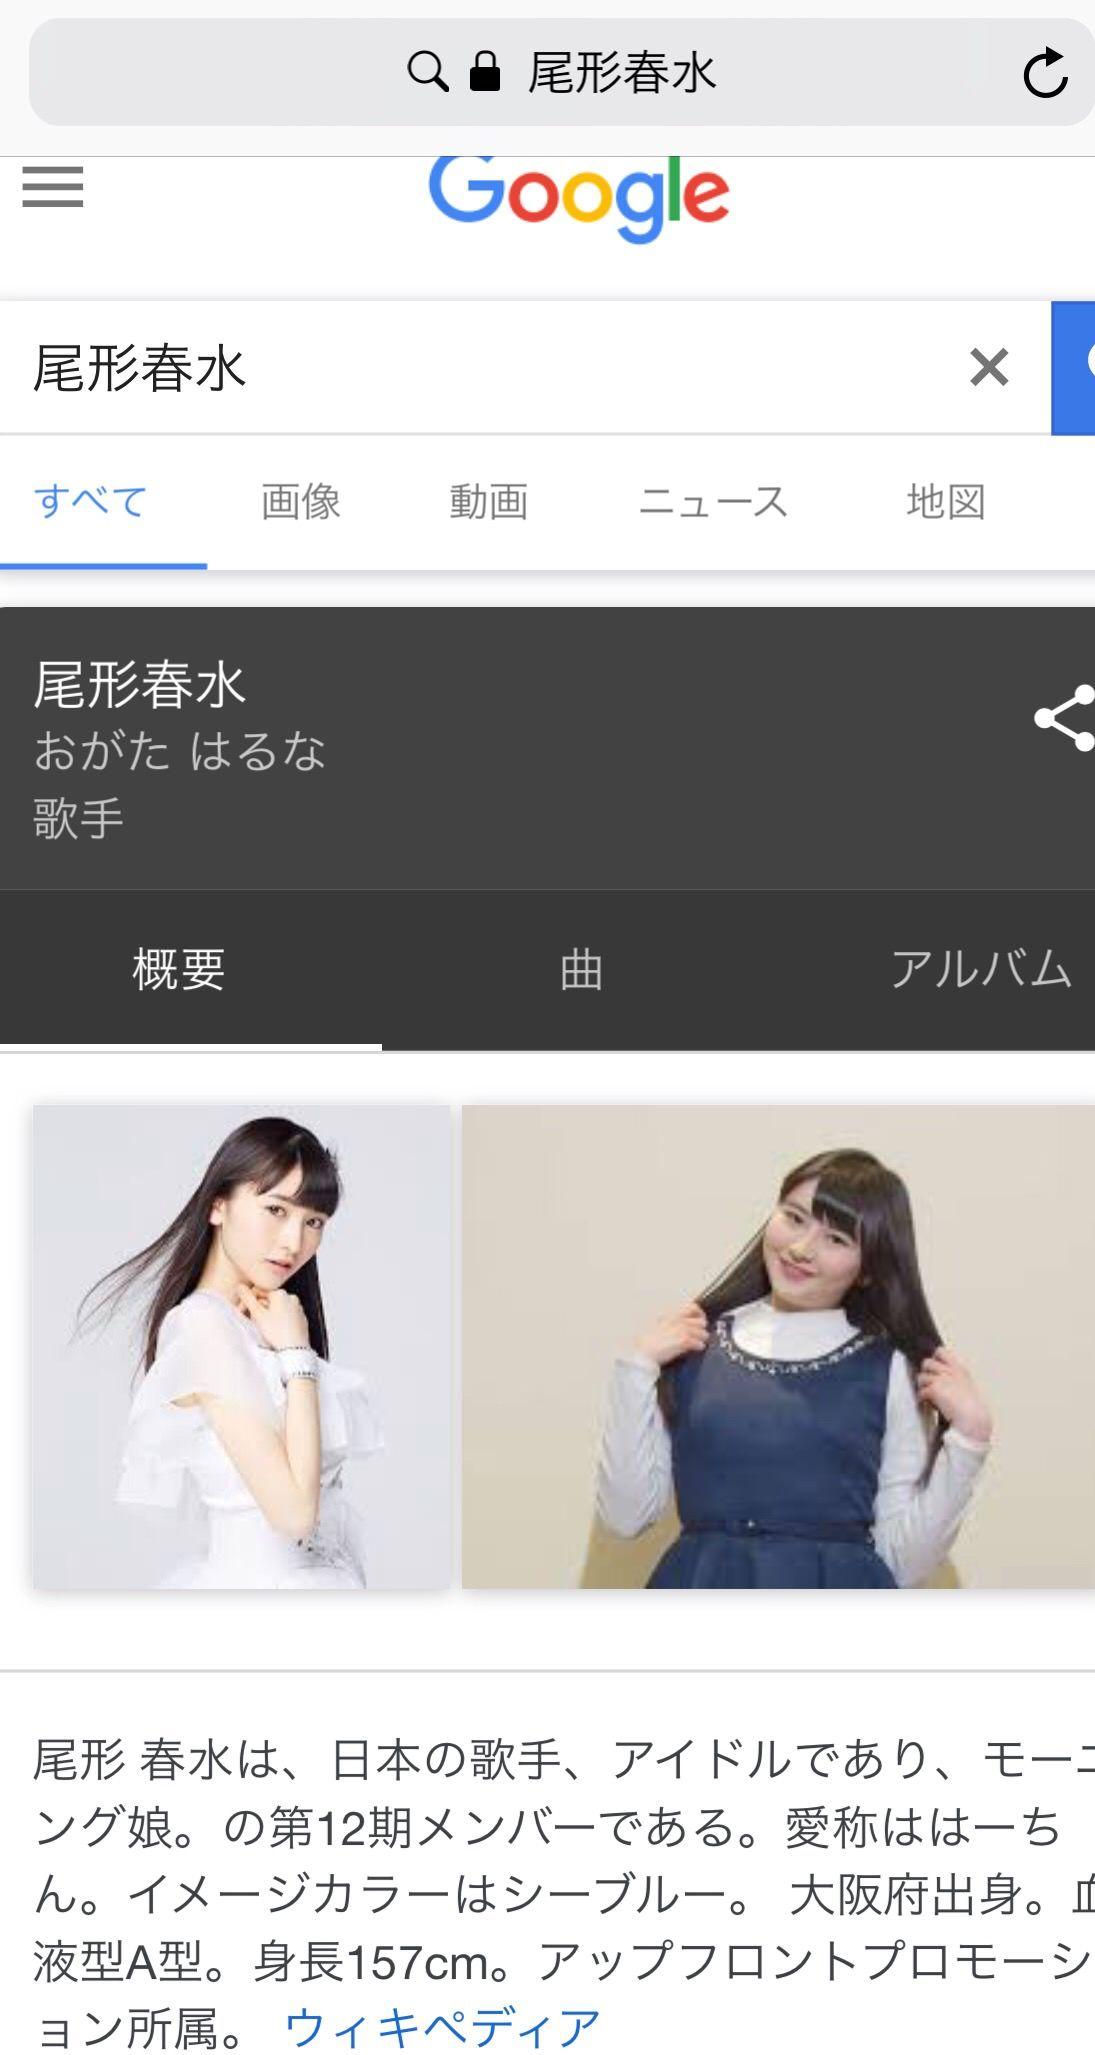 【エンタメ画像】【悲報】尾形春水をGoogleで検索した結果!!!!!!!!!!!!!!!!!!!!